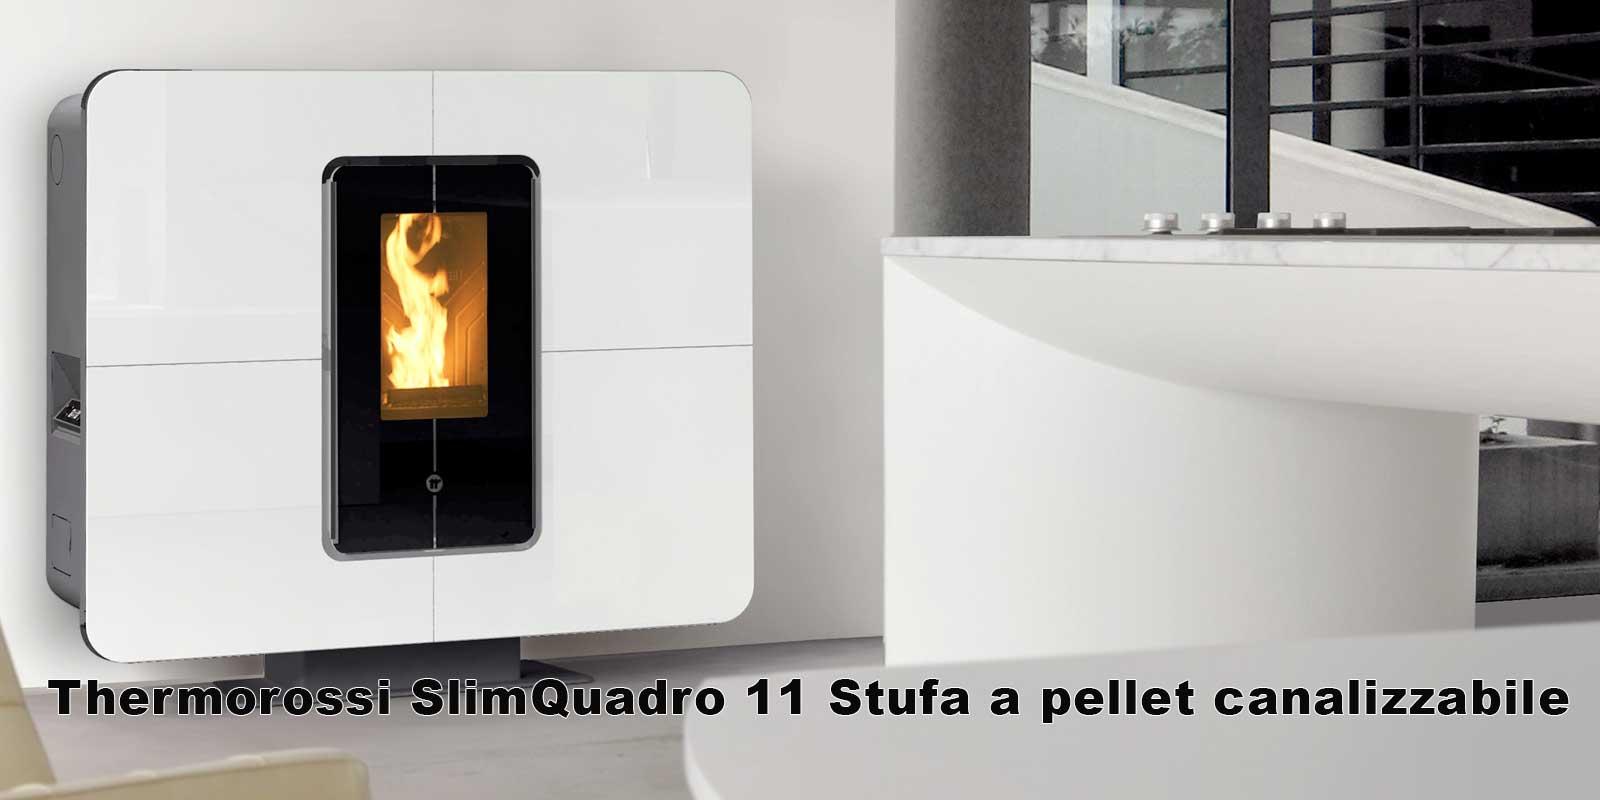 Thermorossi SlimQuadro 11 Stufa a pellet canalizzabile